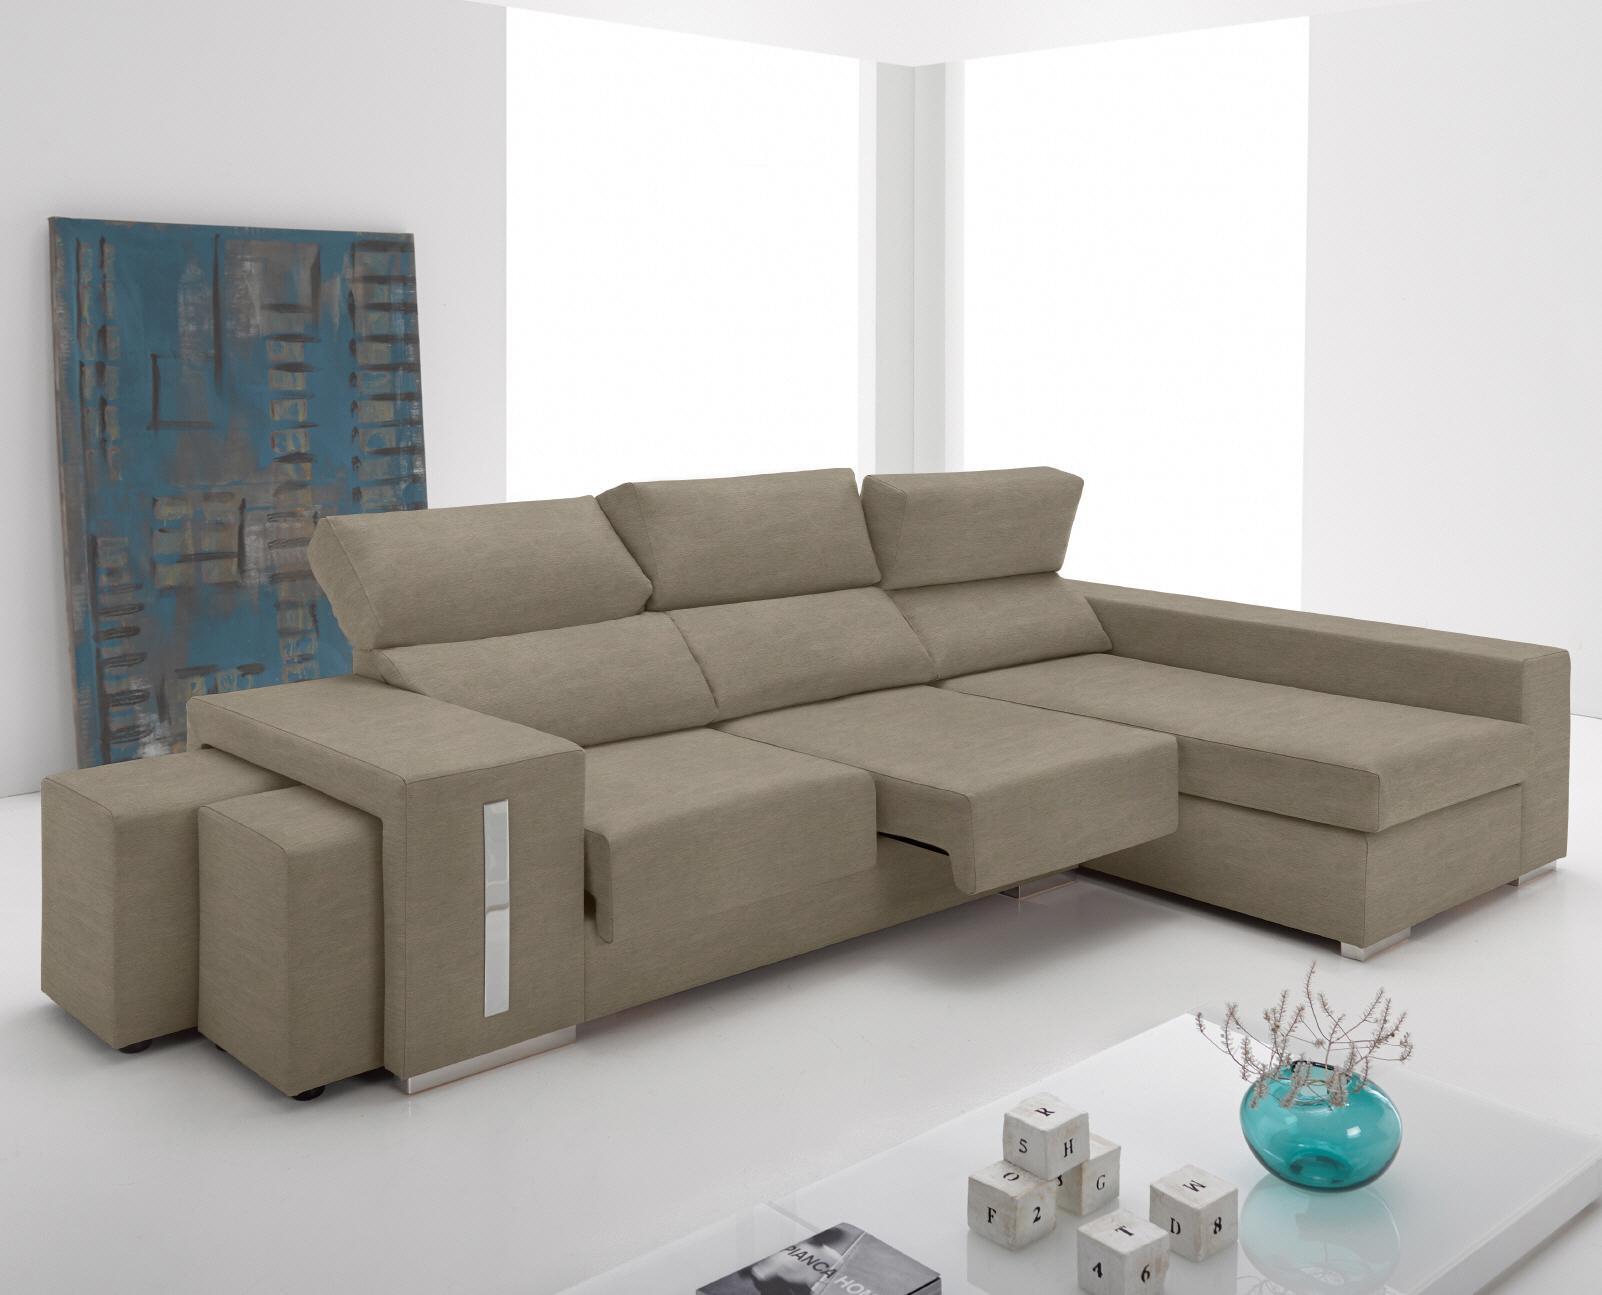 Qu sof se adapta mejor a tus necesidades - El mejor sofa ...